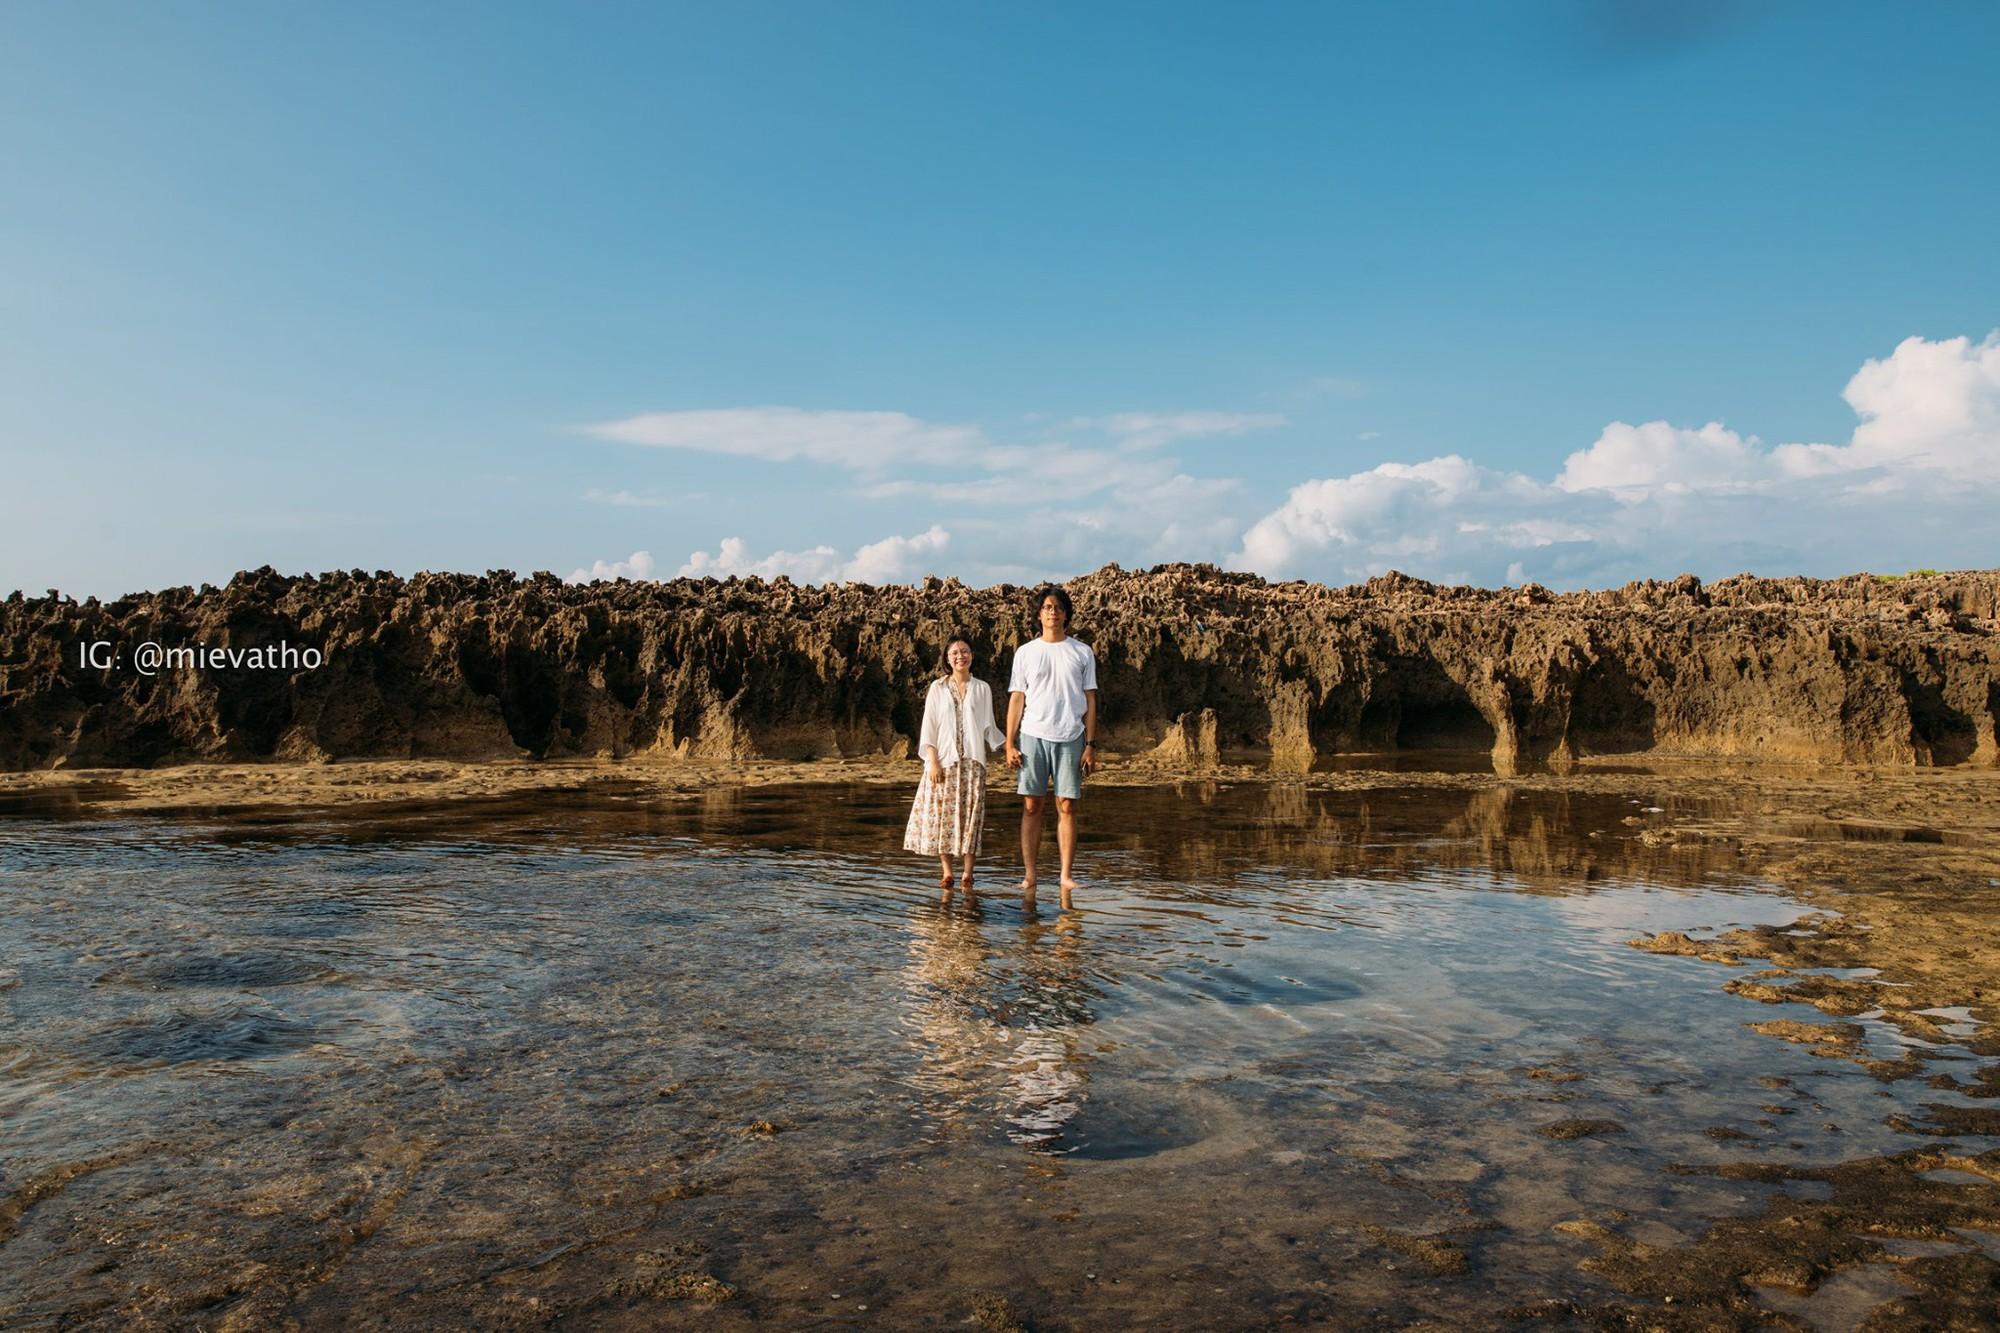 Bộ ảnh du lịch Ninh Thuận của cặp đôi đến từ Hà Nội khiến dân tình thích thú: Mới nhìn thôi đã thấy chill phết! - Ảnh 3.